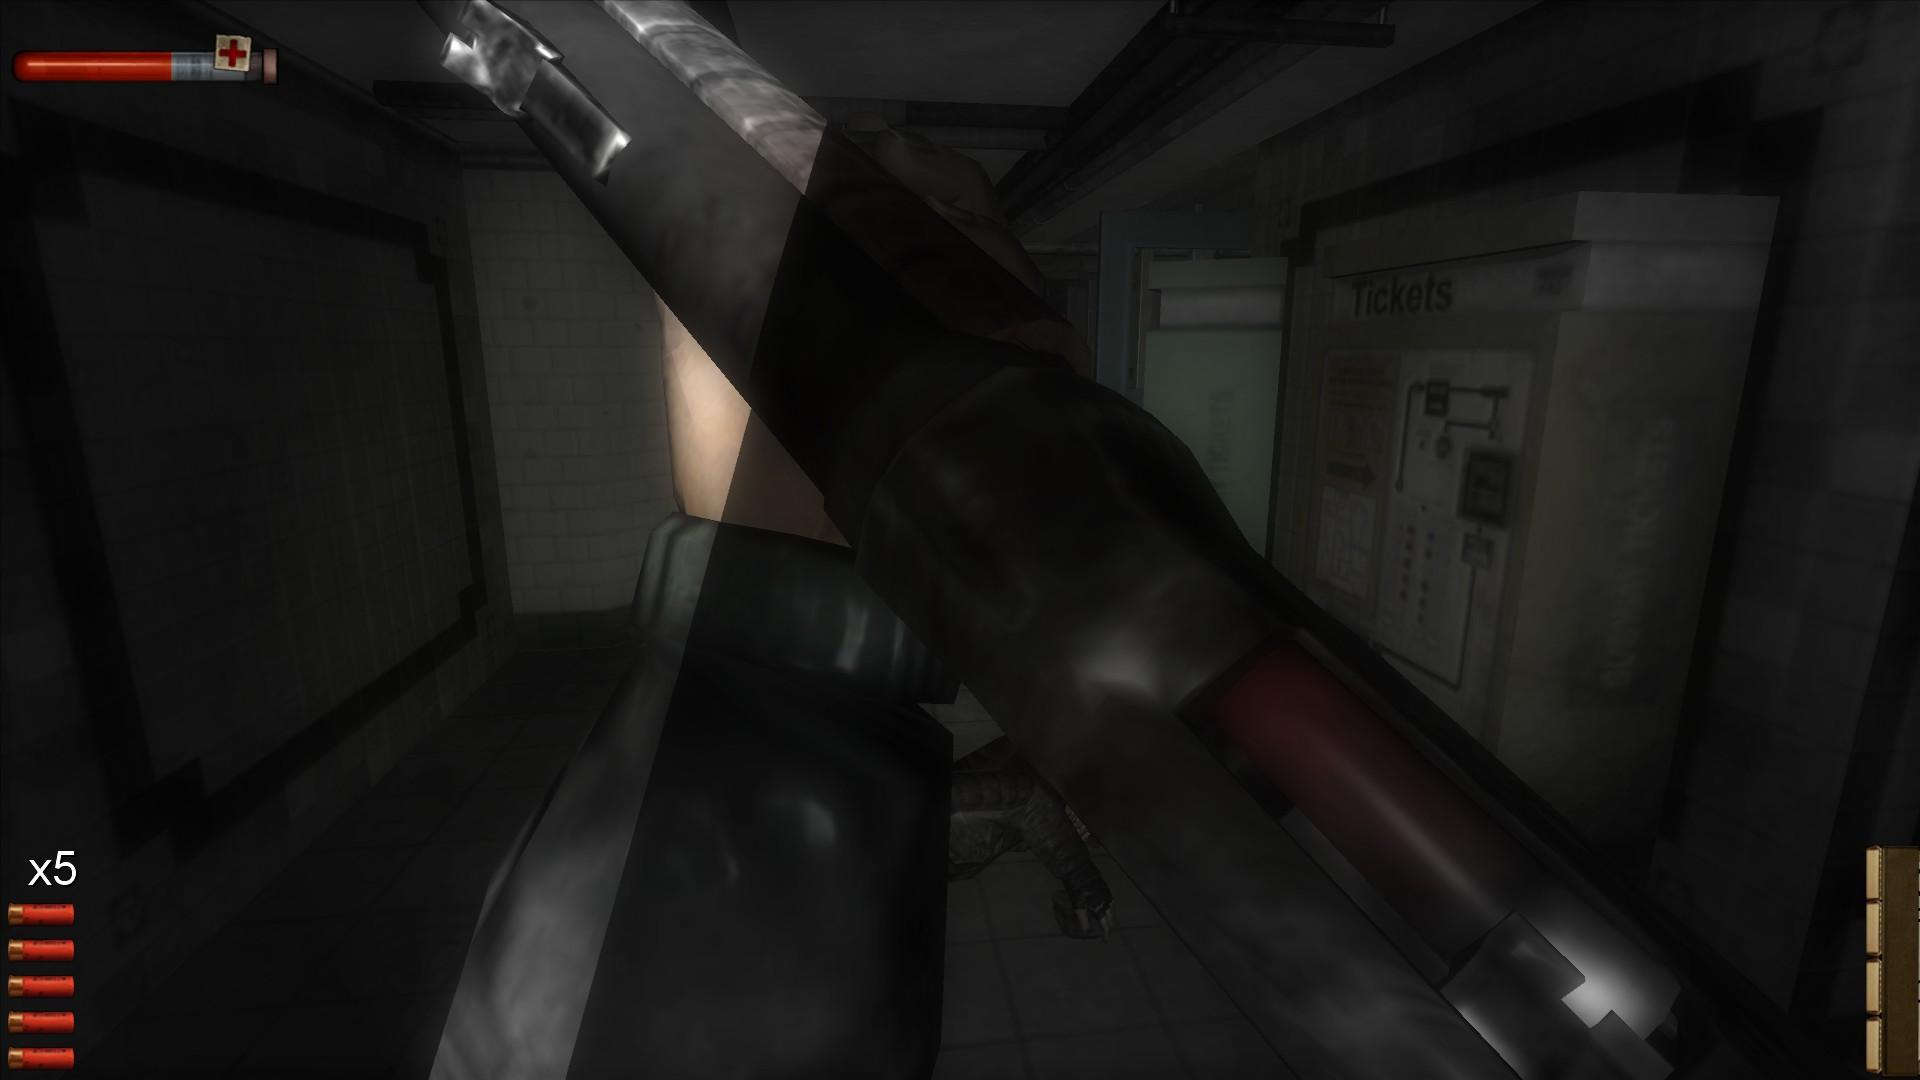 Condemned: Criminal Origins - Se7en v herní podobě 13394